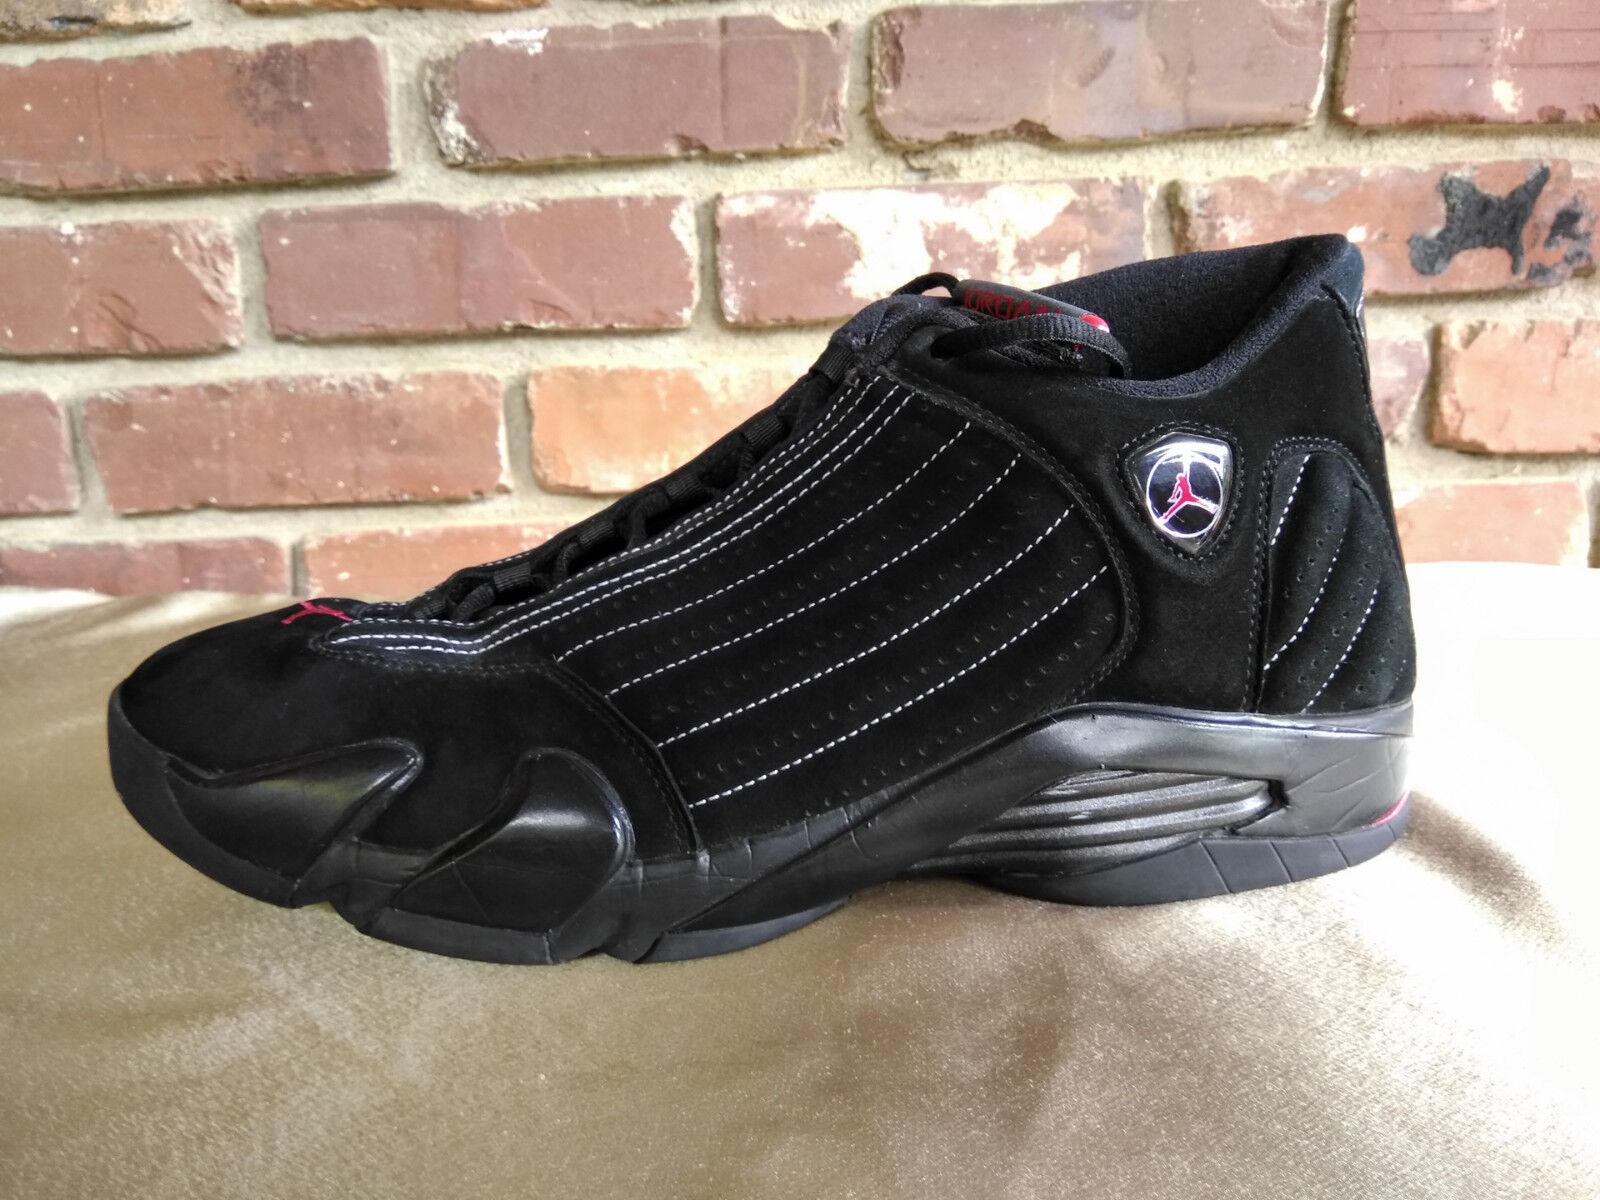 2018 Nike CDP Jordan Retro XIV 14 CDP Nike Pinstripe comoda marca de descuento f33389